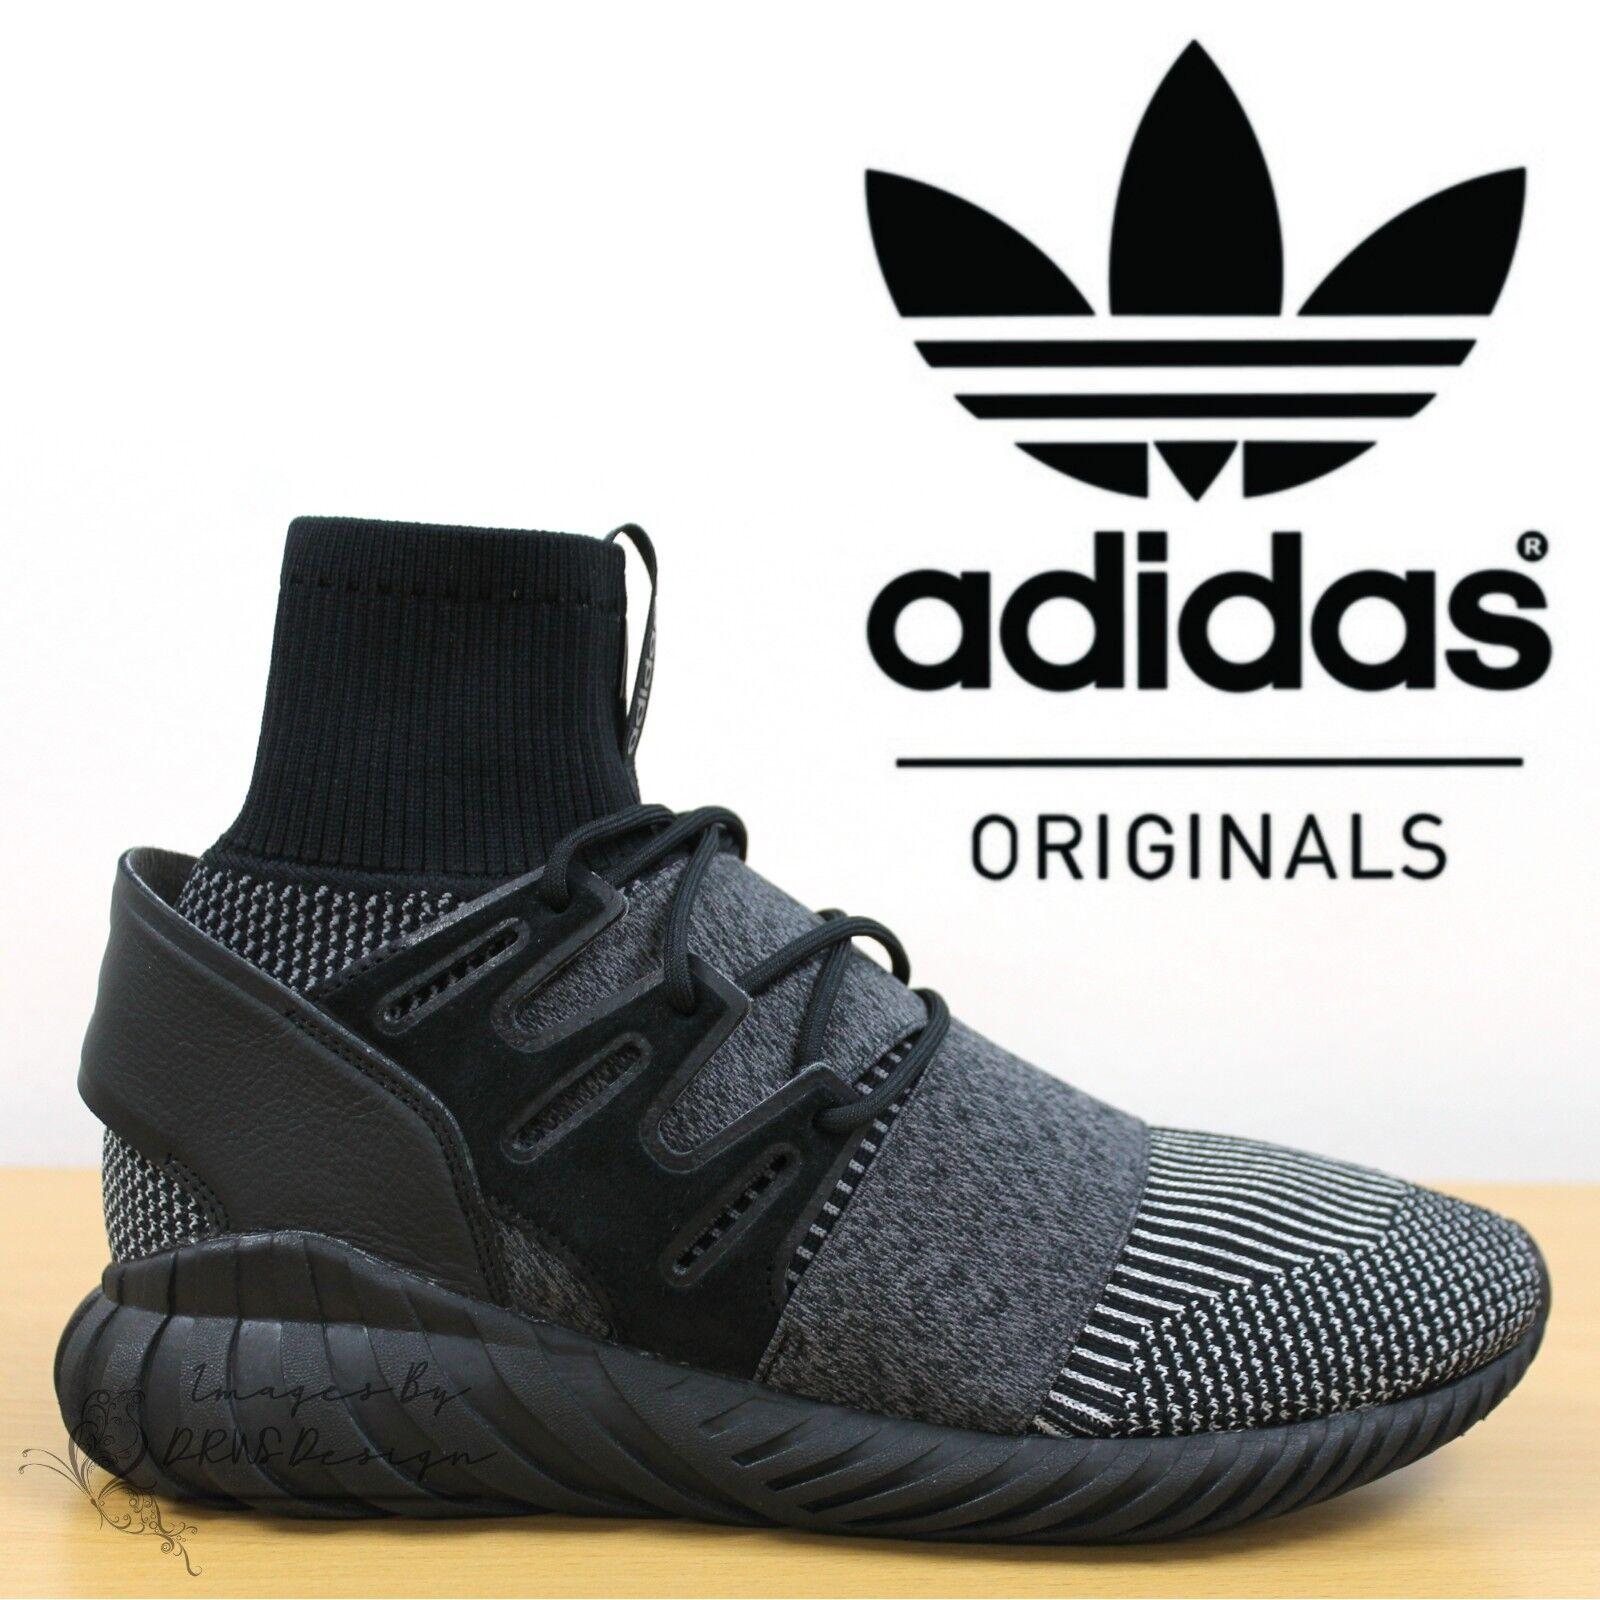 Détails sur ✅ 24 H LIVRAISON ✅ Adidas Originals Tubular Doom Primeknit Baskets BLACK Sneakers afficher le titre d'origine